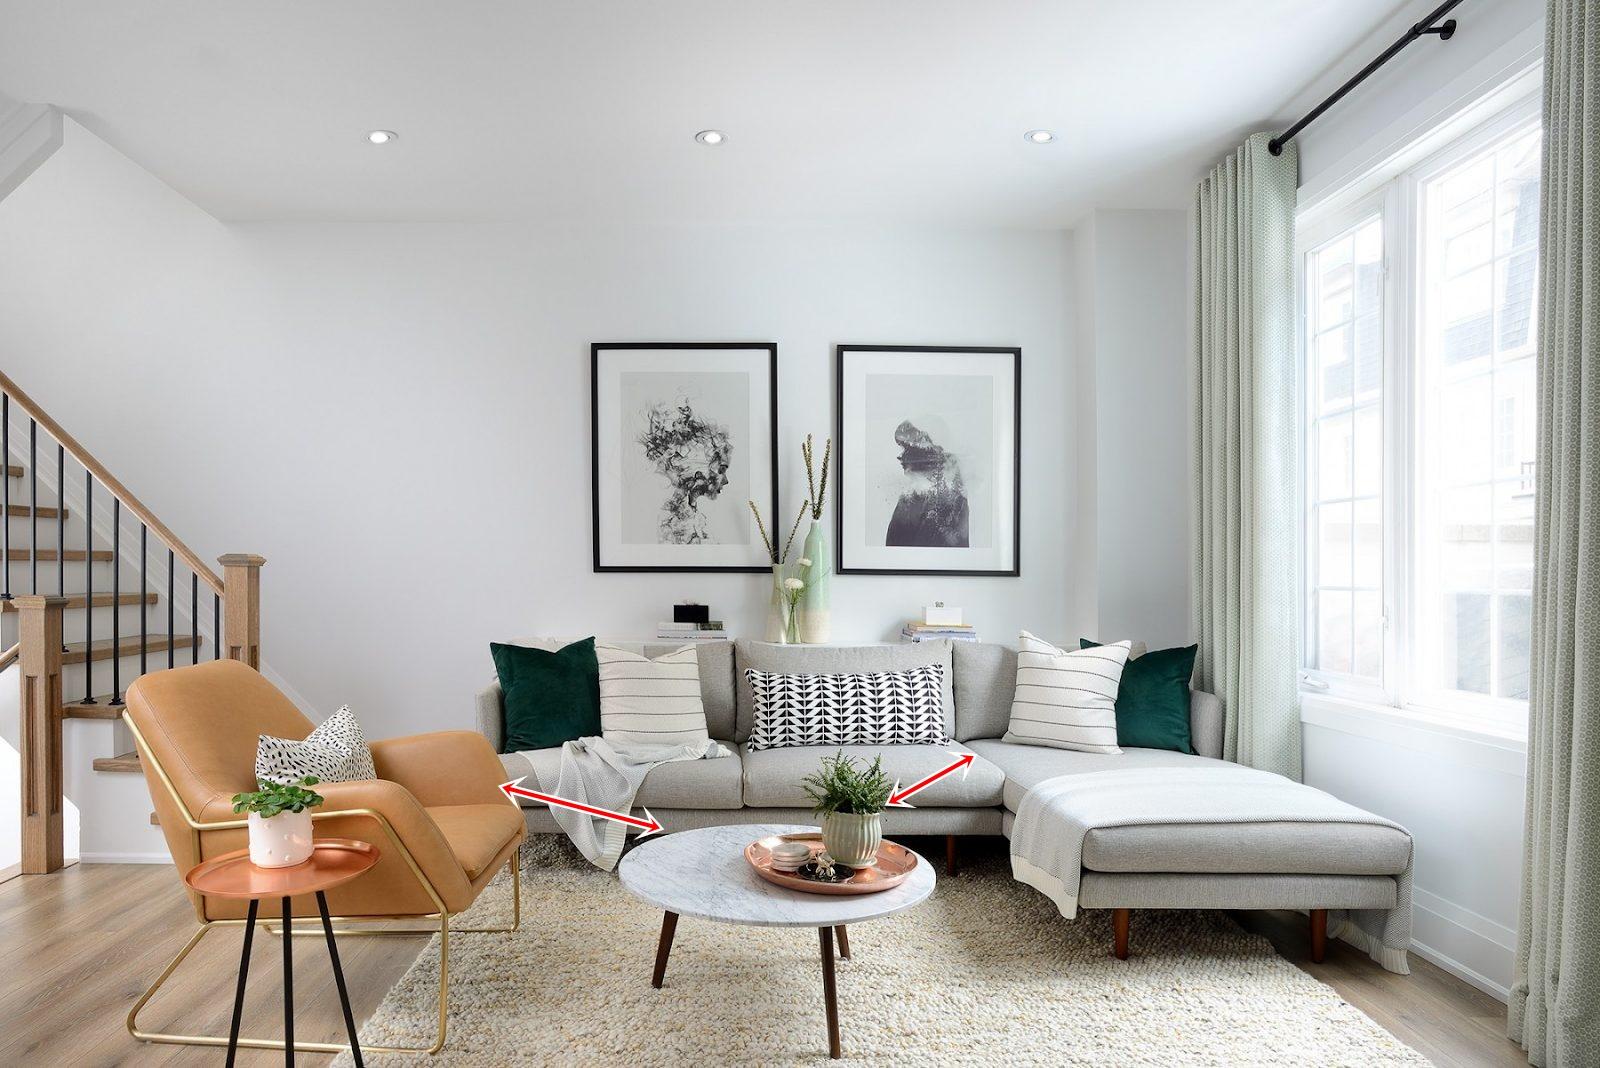 Cách chọn kích thước ghế sofa lý tưởng cho không gian nhà bạn - Ảnh 2.